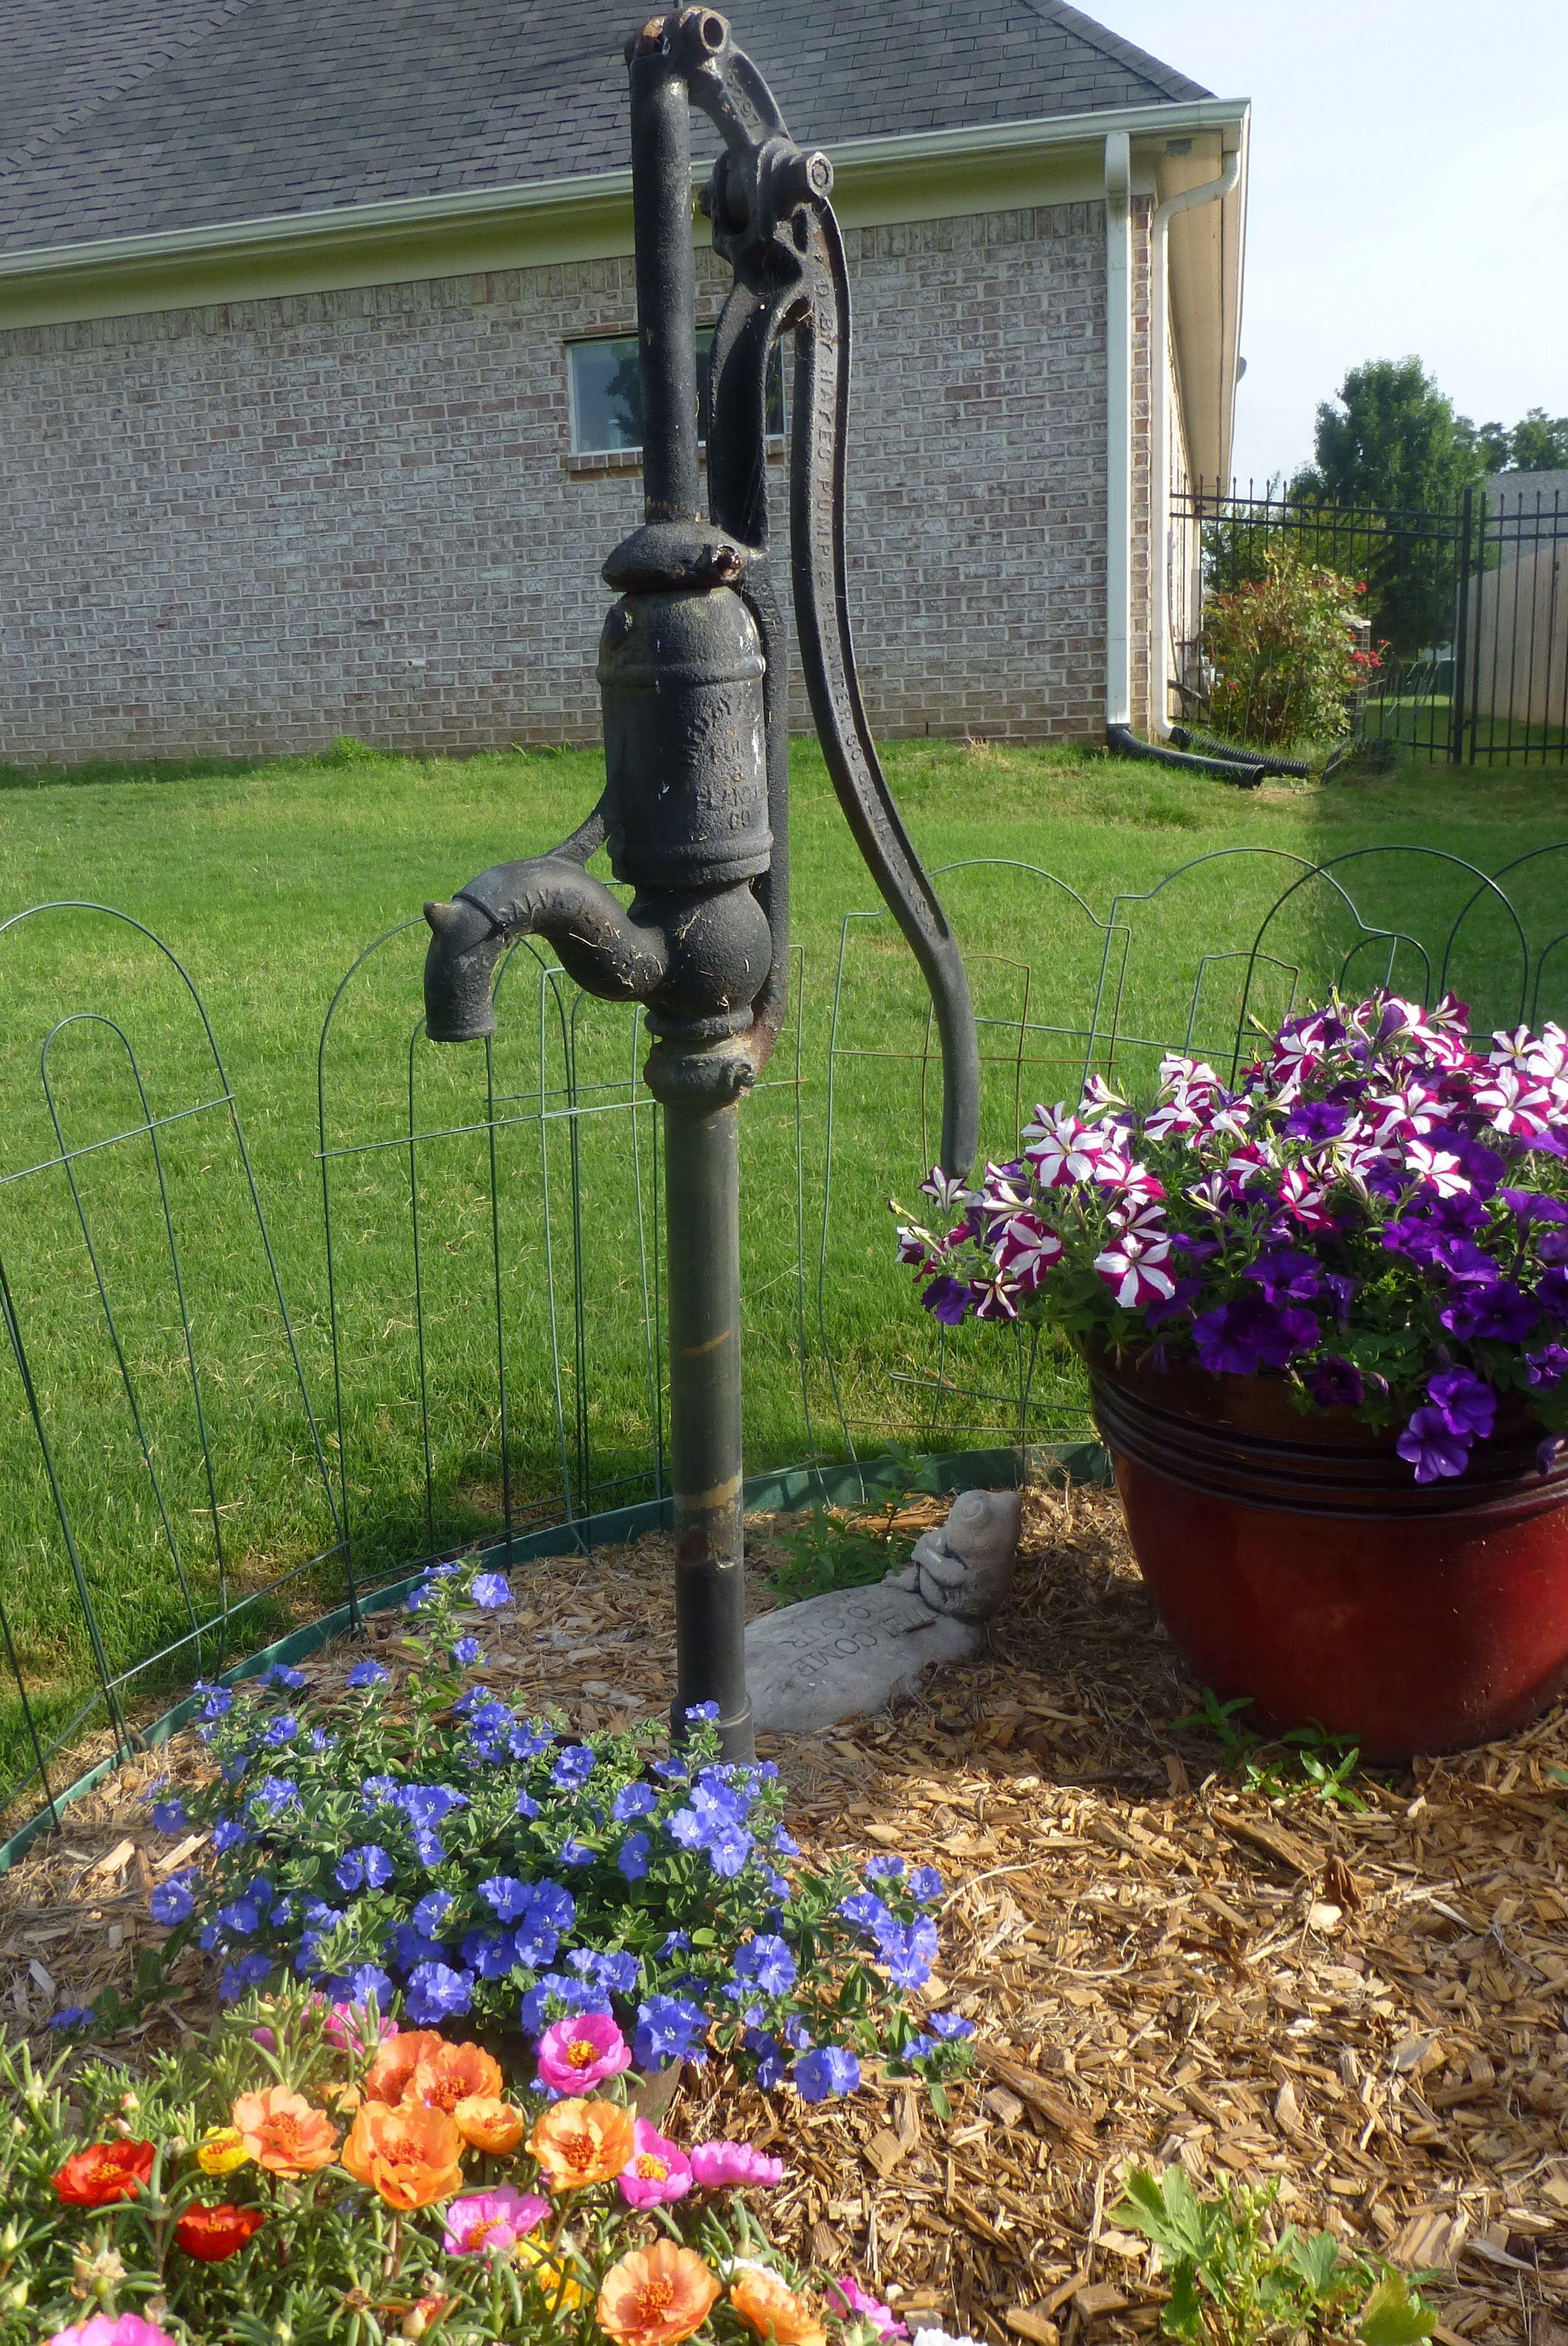 Pin By Linda Wayman On Garden Art Old Water Pumps Garden Water Pump Water Pumps